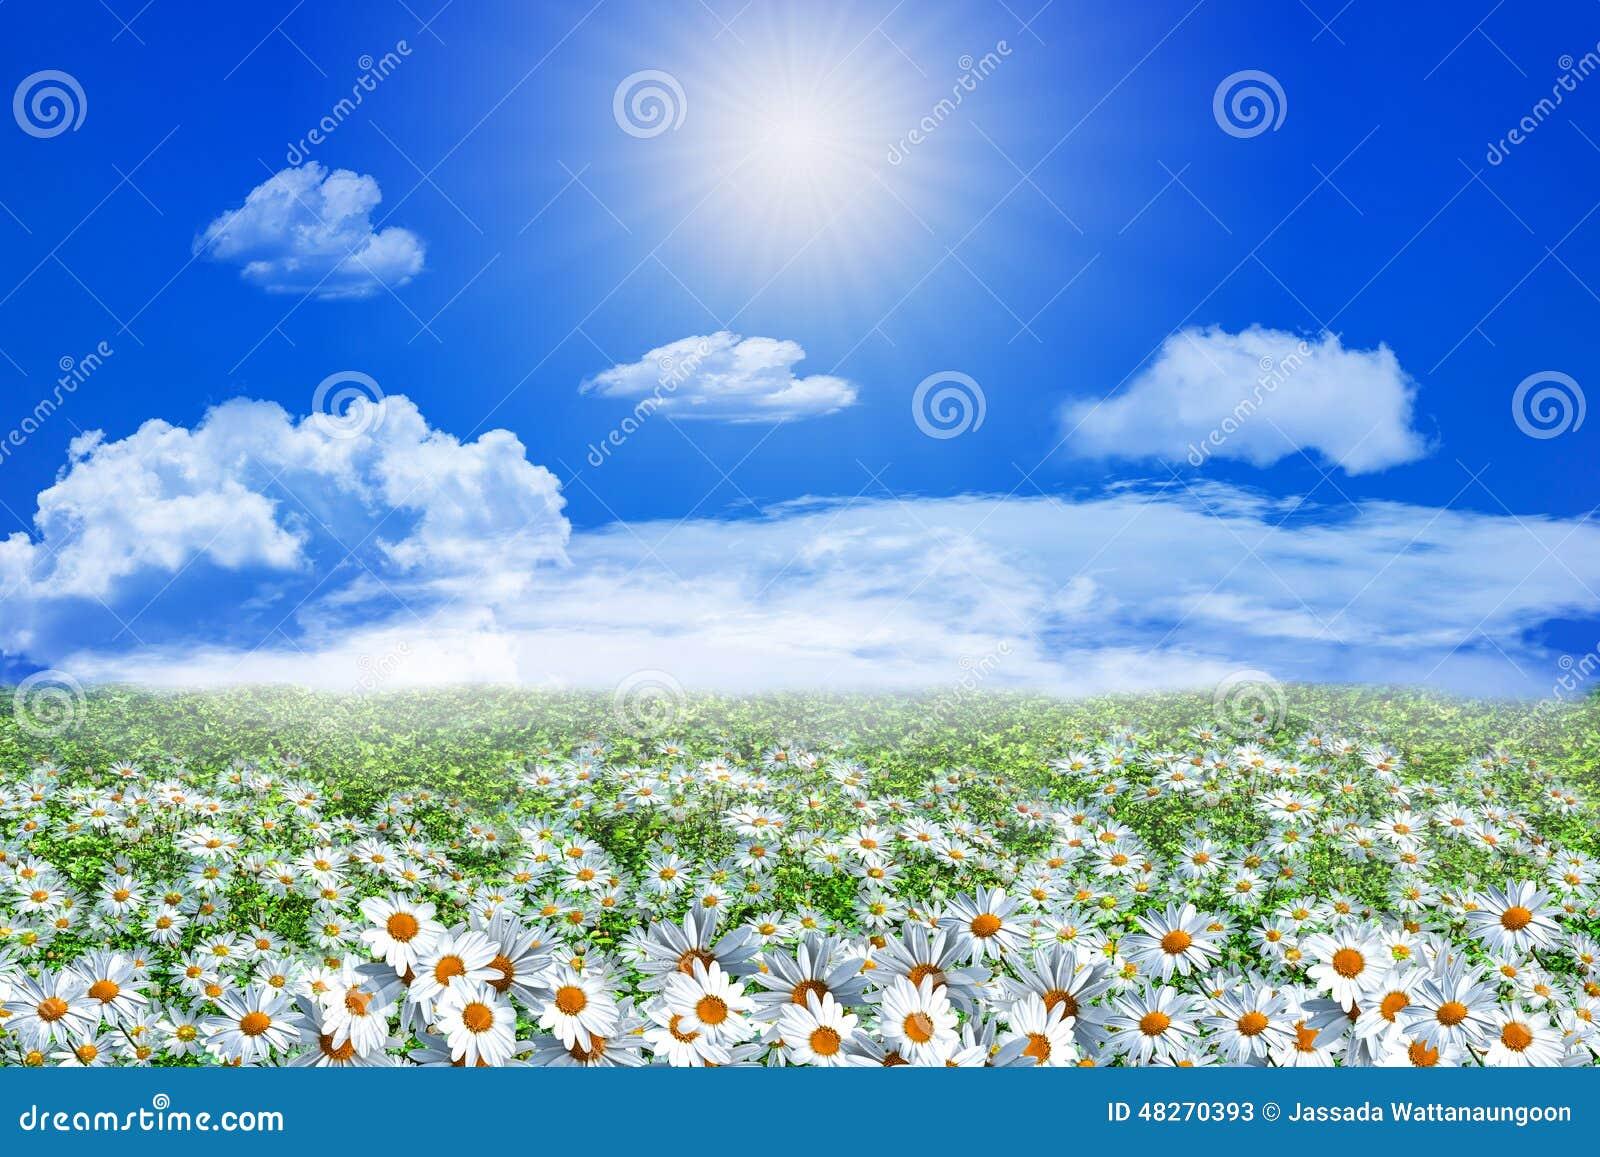 daisy field mountain sky - photo #12